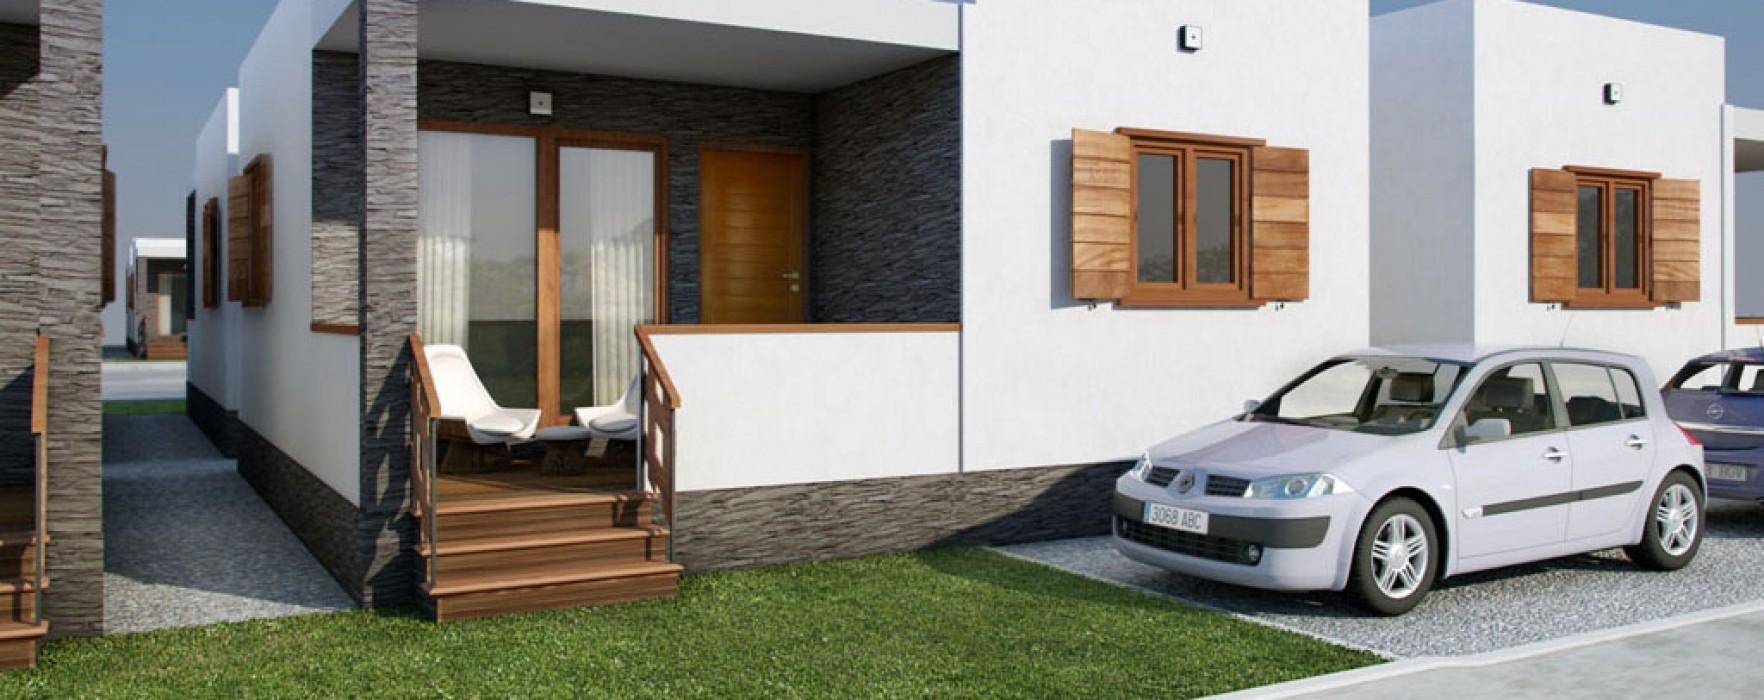 Ampliare un fabbricato con il legno - Ampliare casa con struttura in legno ...